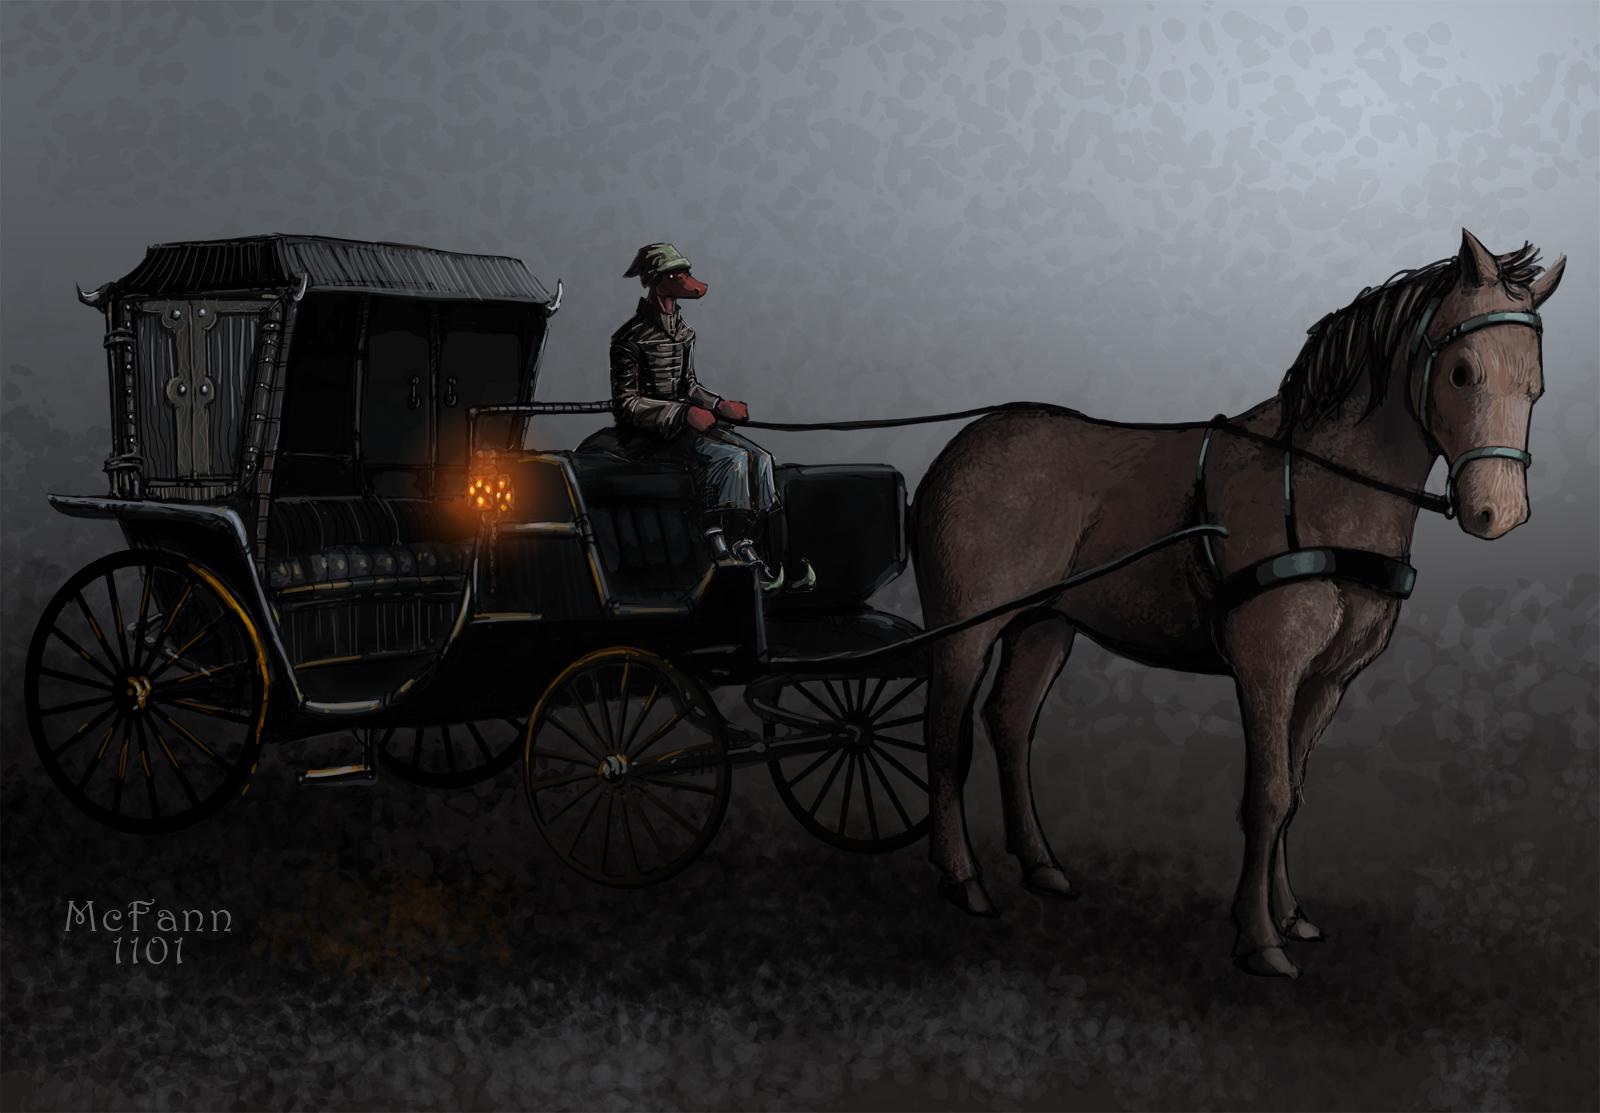 Blackeye's Carriage